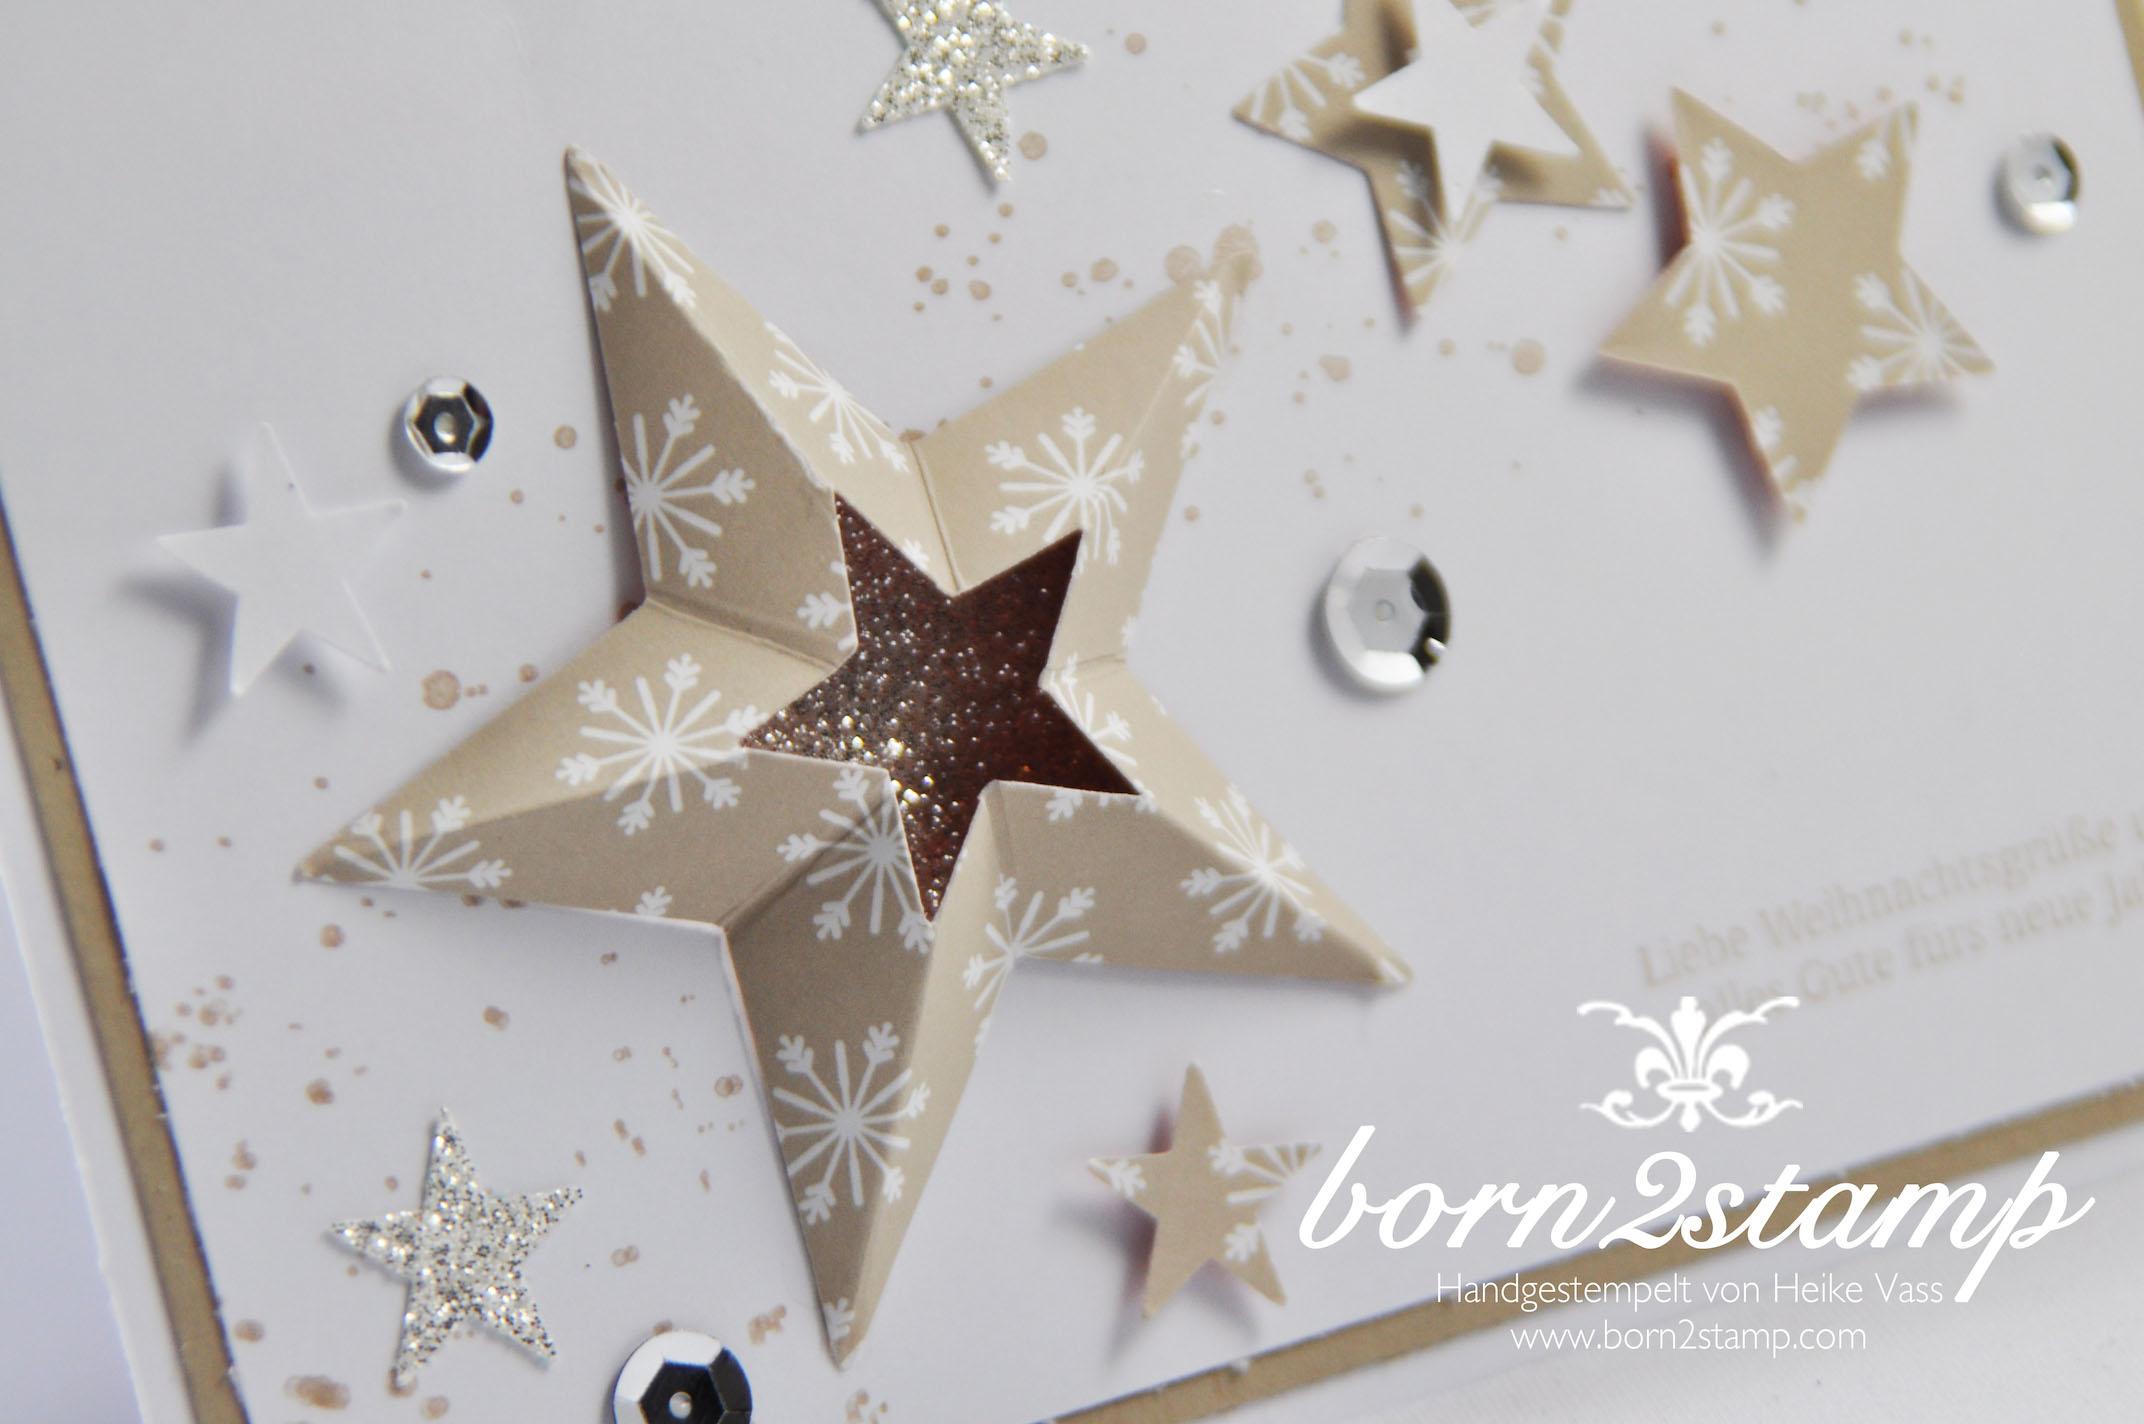 in k spire me 178 weihnachts special deine weihnachten born2stamp heike vass. Black Bedroom Furniture Sets. Home Design Ideas